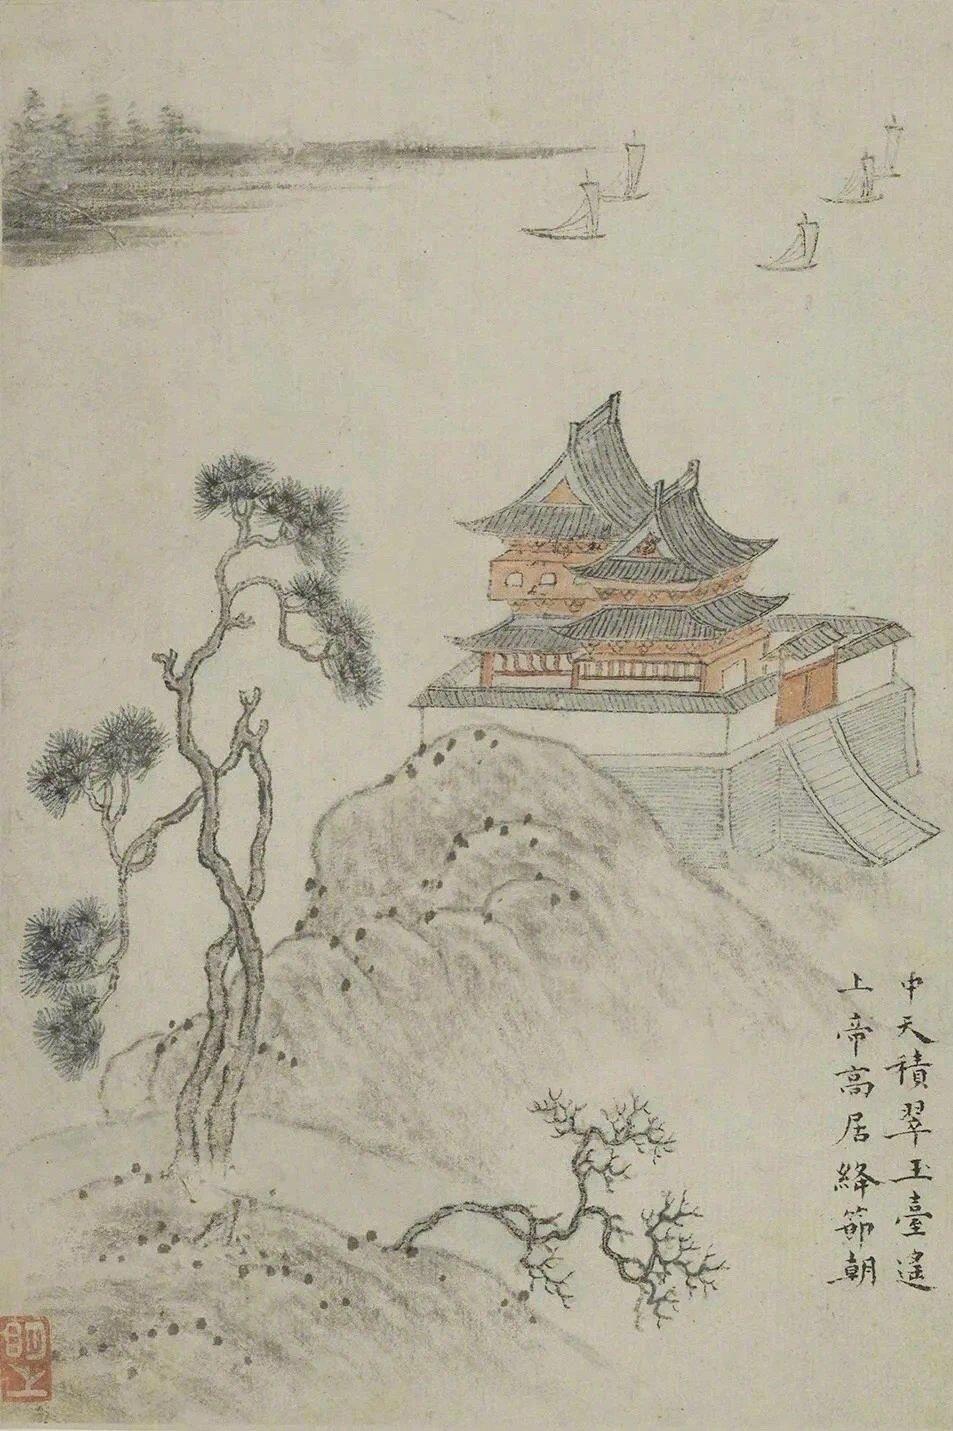 """宋懋晋的画艺在松江画坛具有承上启下的重要作用,主张""""文人学画"""